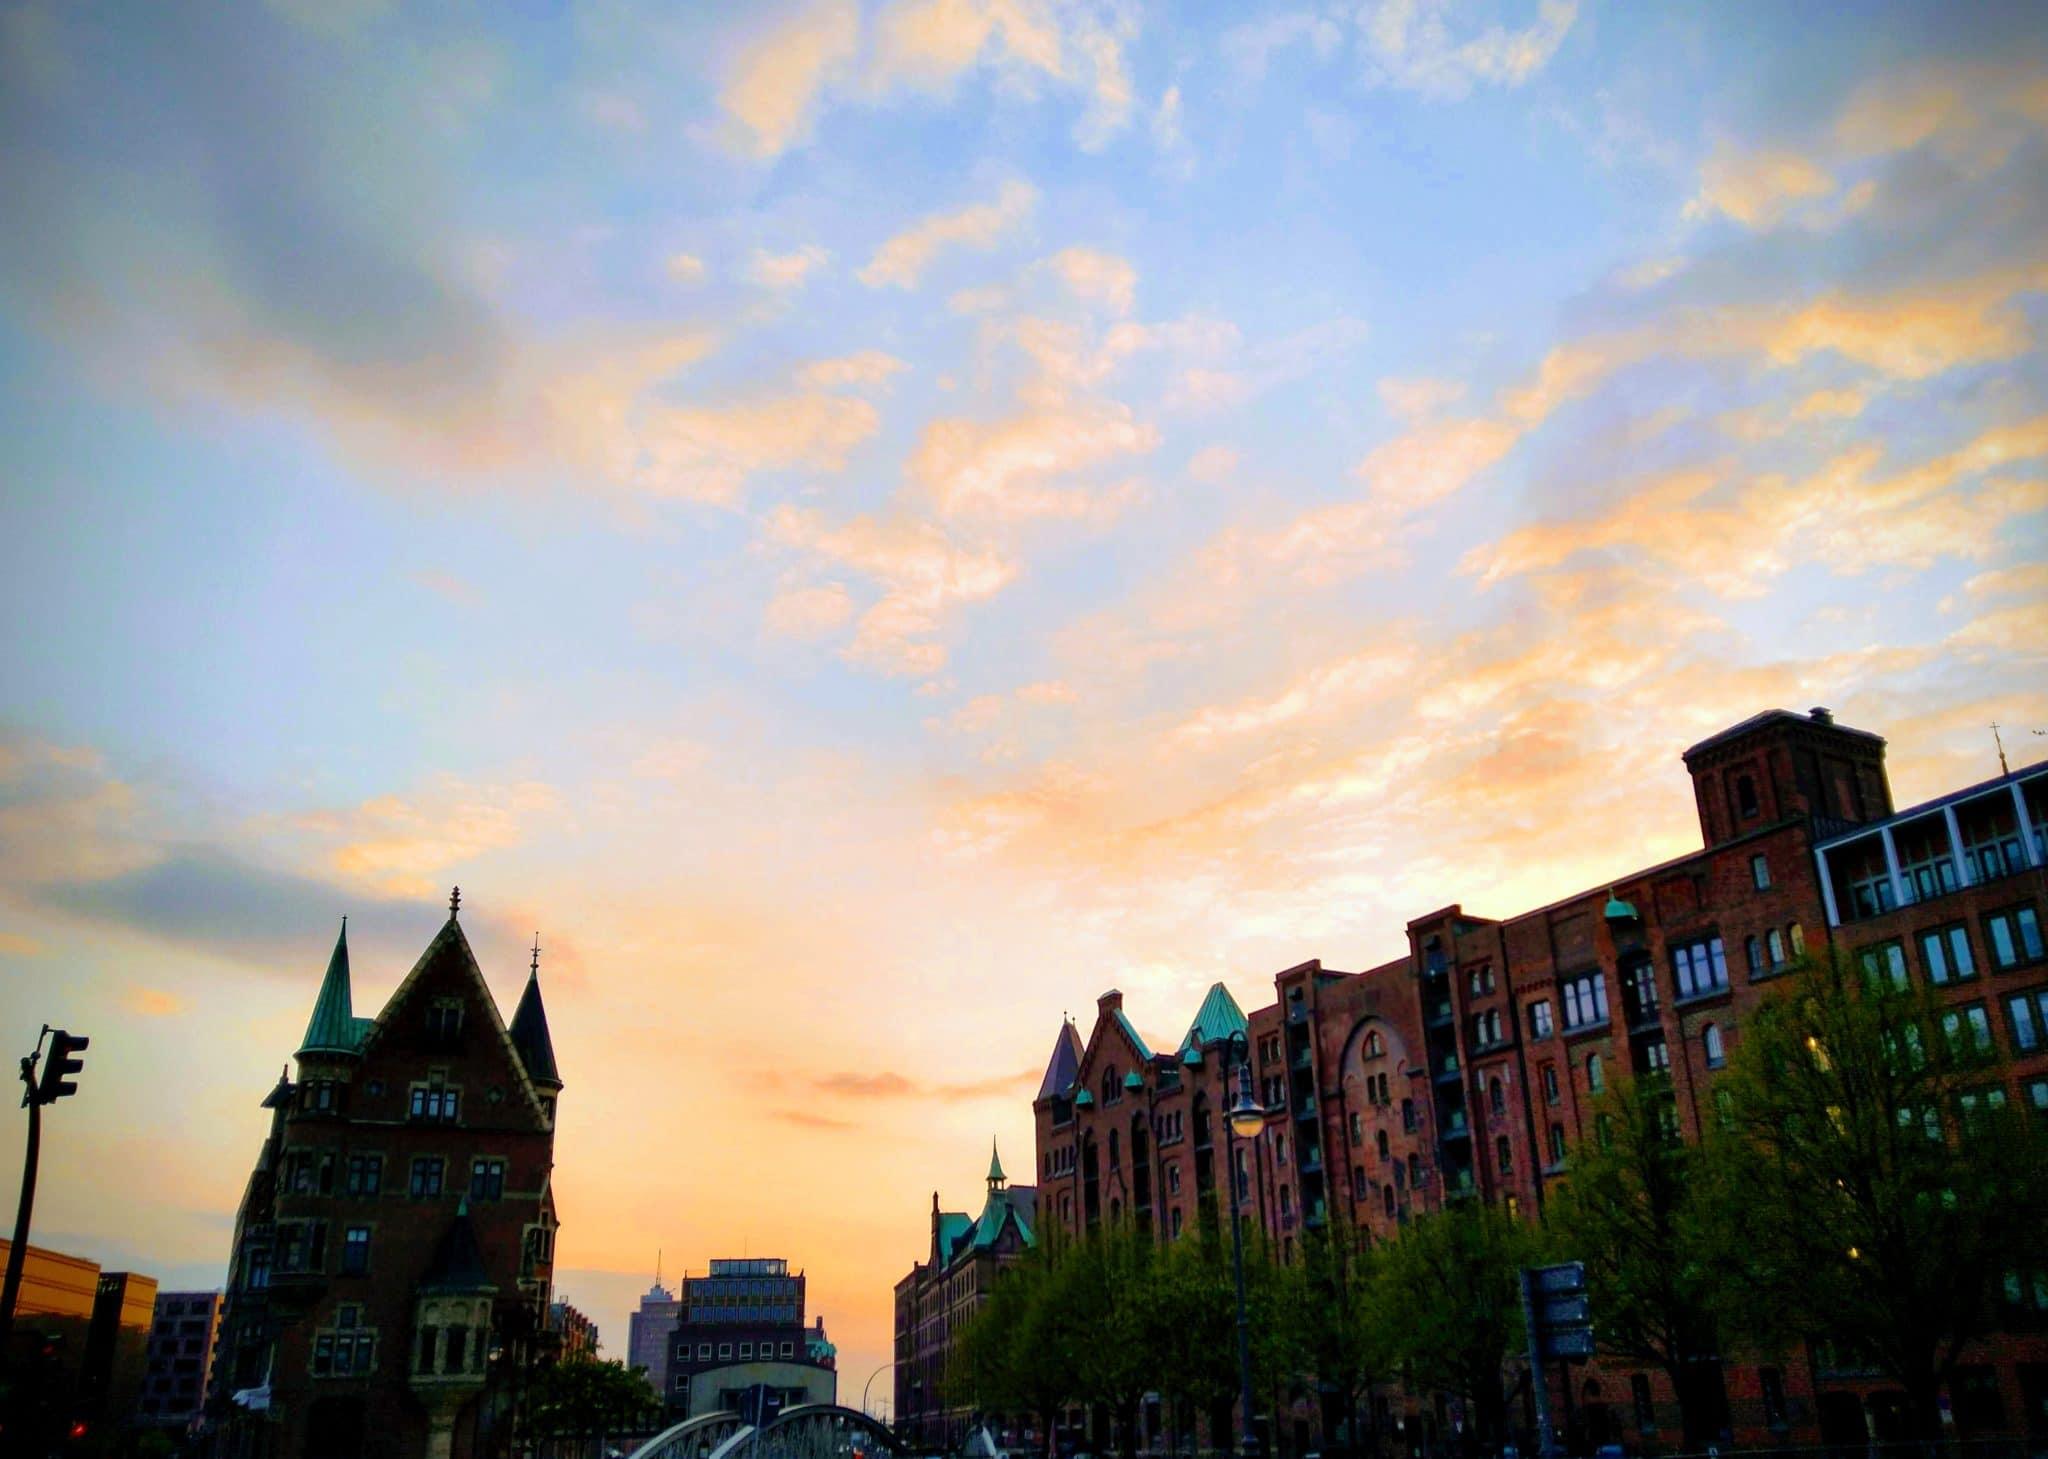 Wochenende in Hamburg: Events, Wochenendtipps, Partys, Flohmärkte und Charmantes